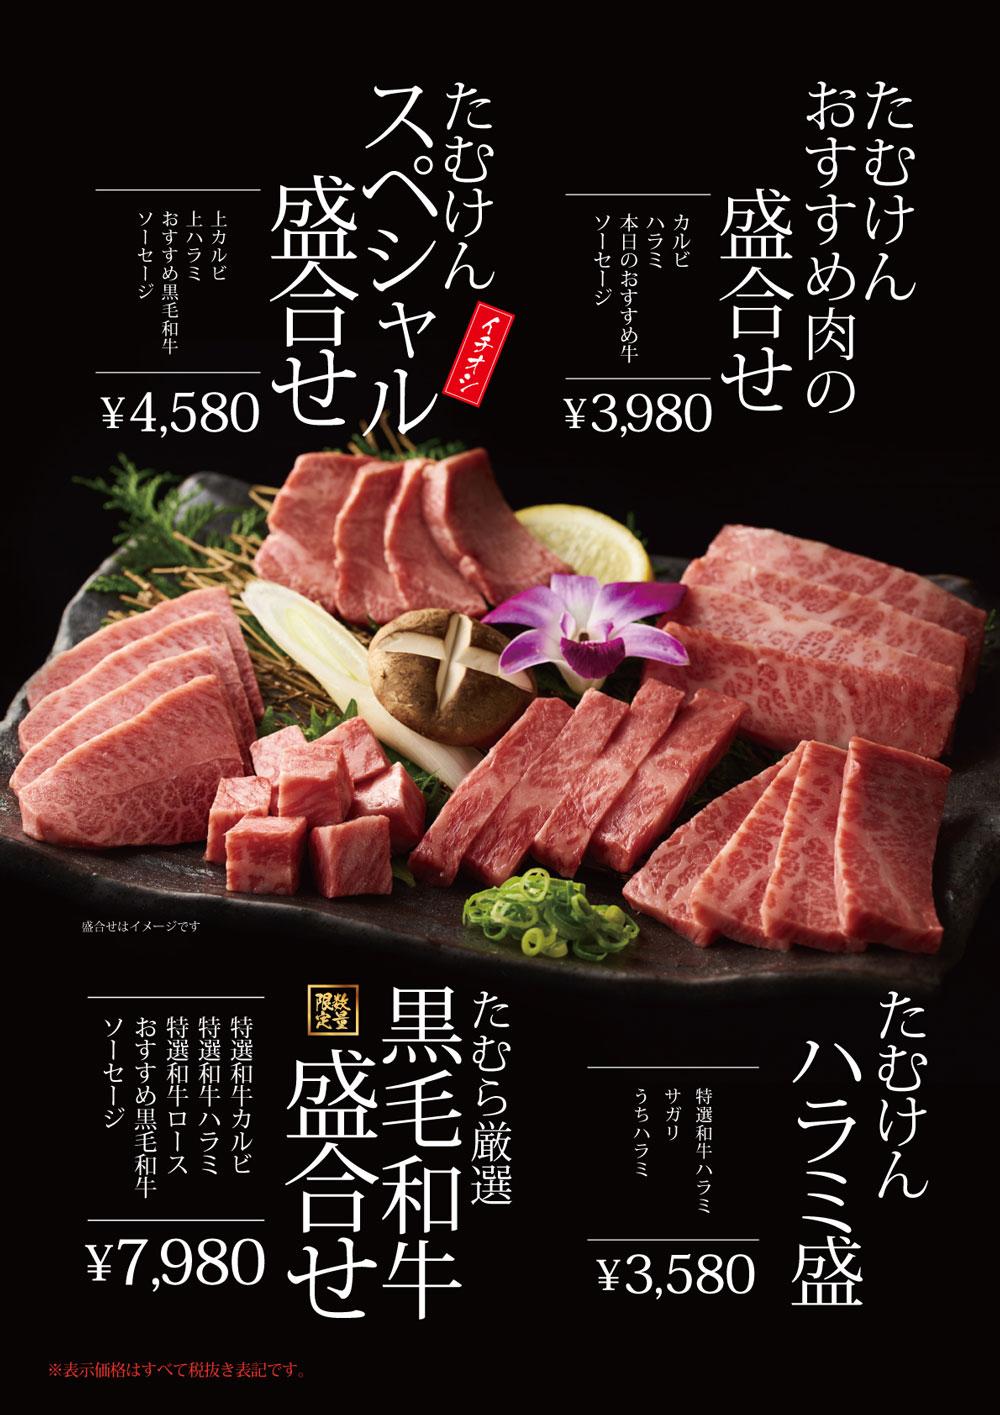 たむけんおすすめ肉の盛合せ